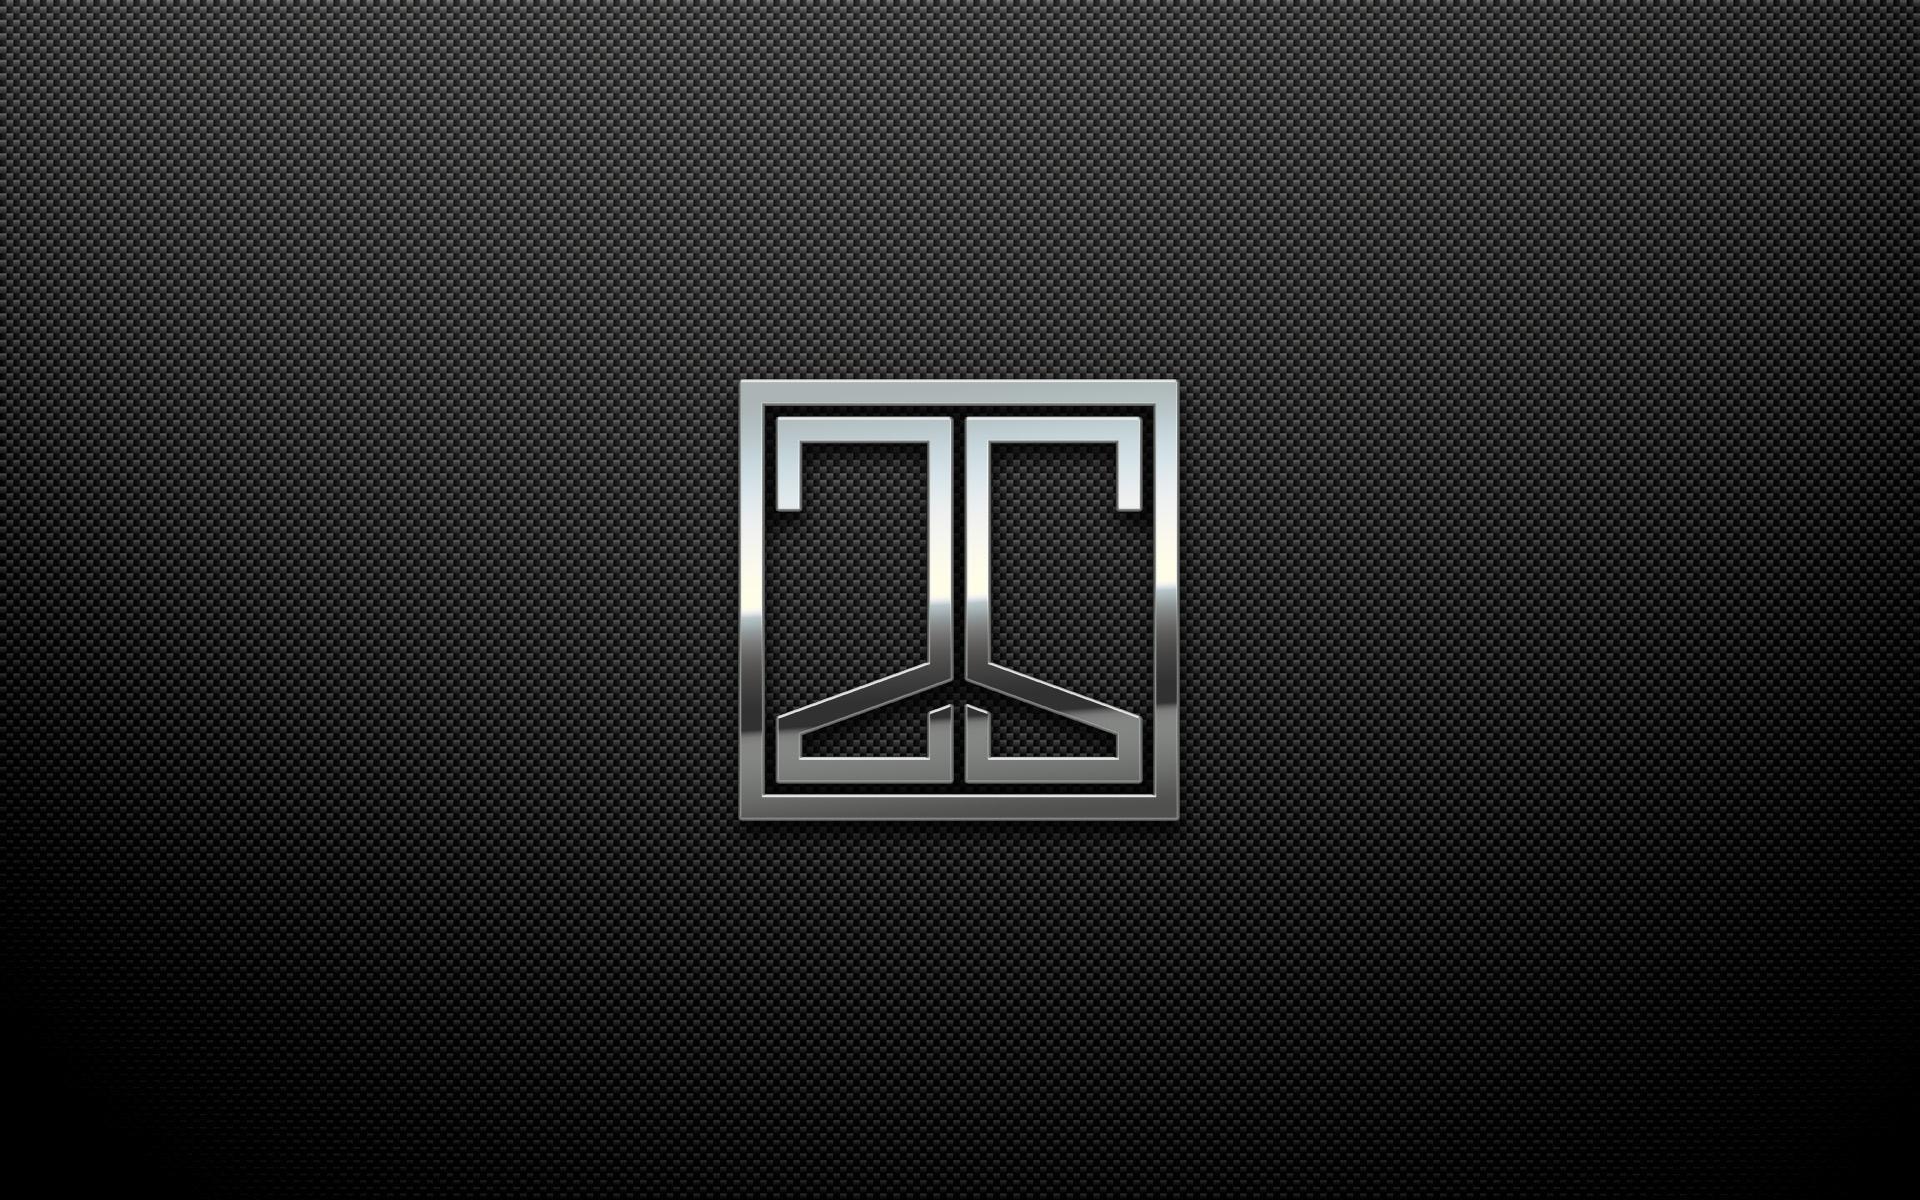 Разработка логотипа (срочно) фото f_7165d4ad42981d6d.jpg